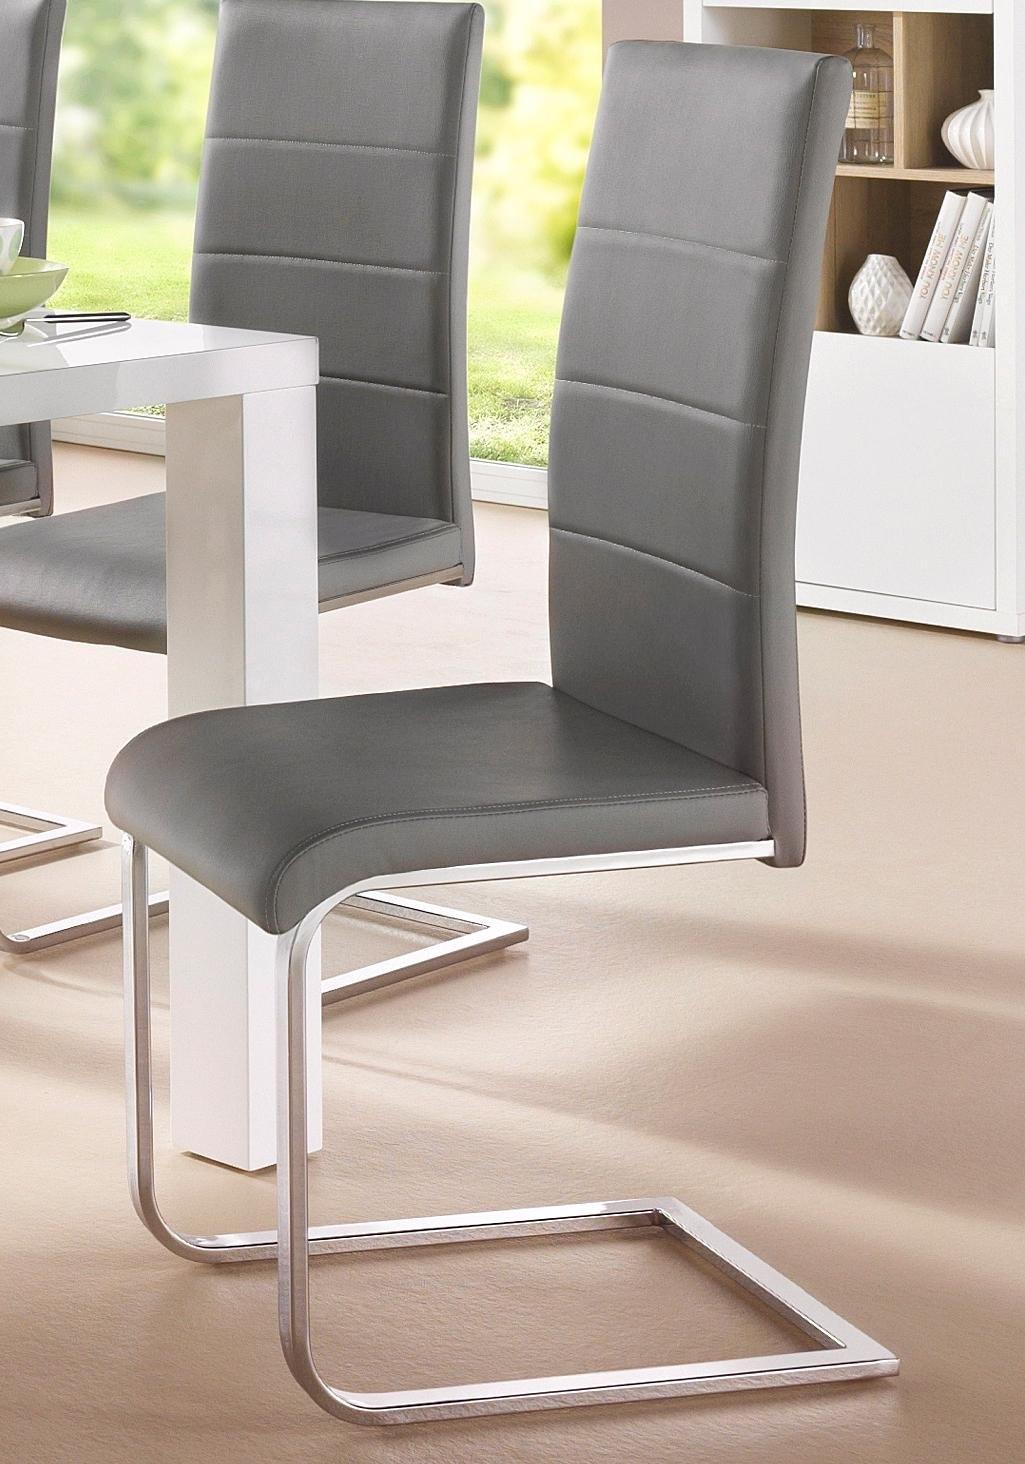 stoel nina in set van 2 of 4 of 6 home affaire stoel met zacht verdikte zitting stoelen set van 2 of 4 home affaire hocker met kleine rugleuning